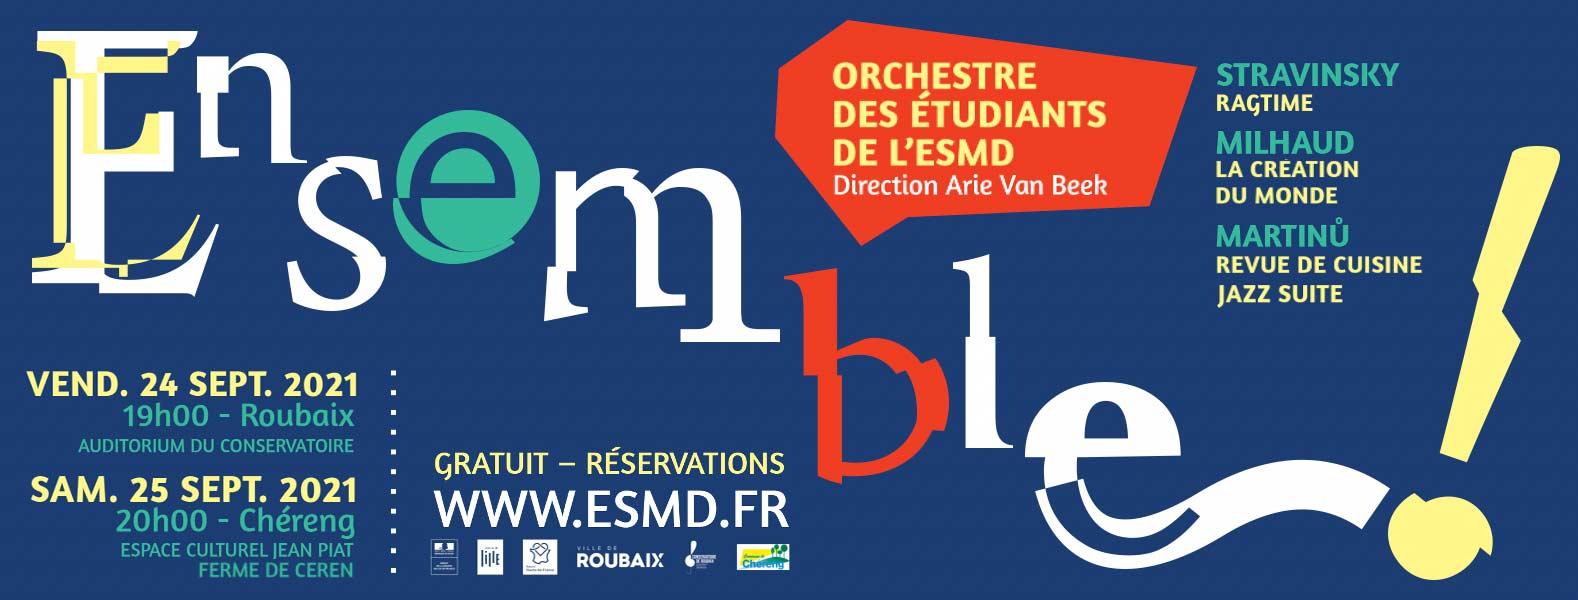 Ensemble ! Orchestre de l'ESMD dirigé par Arie Van Beek